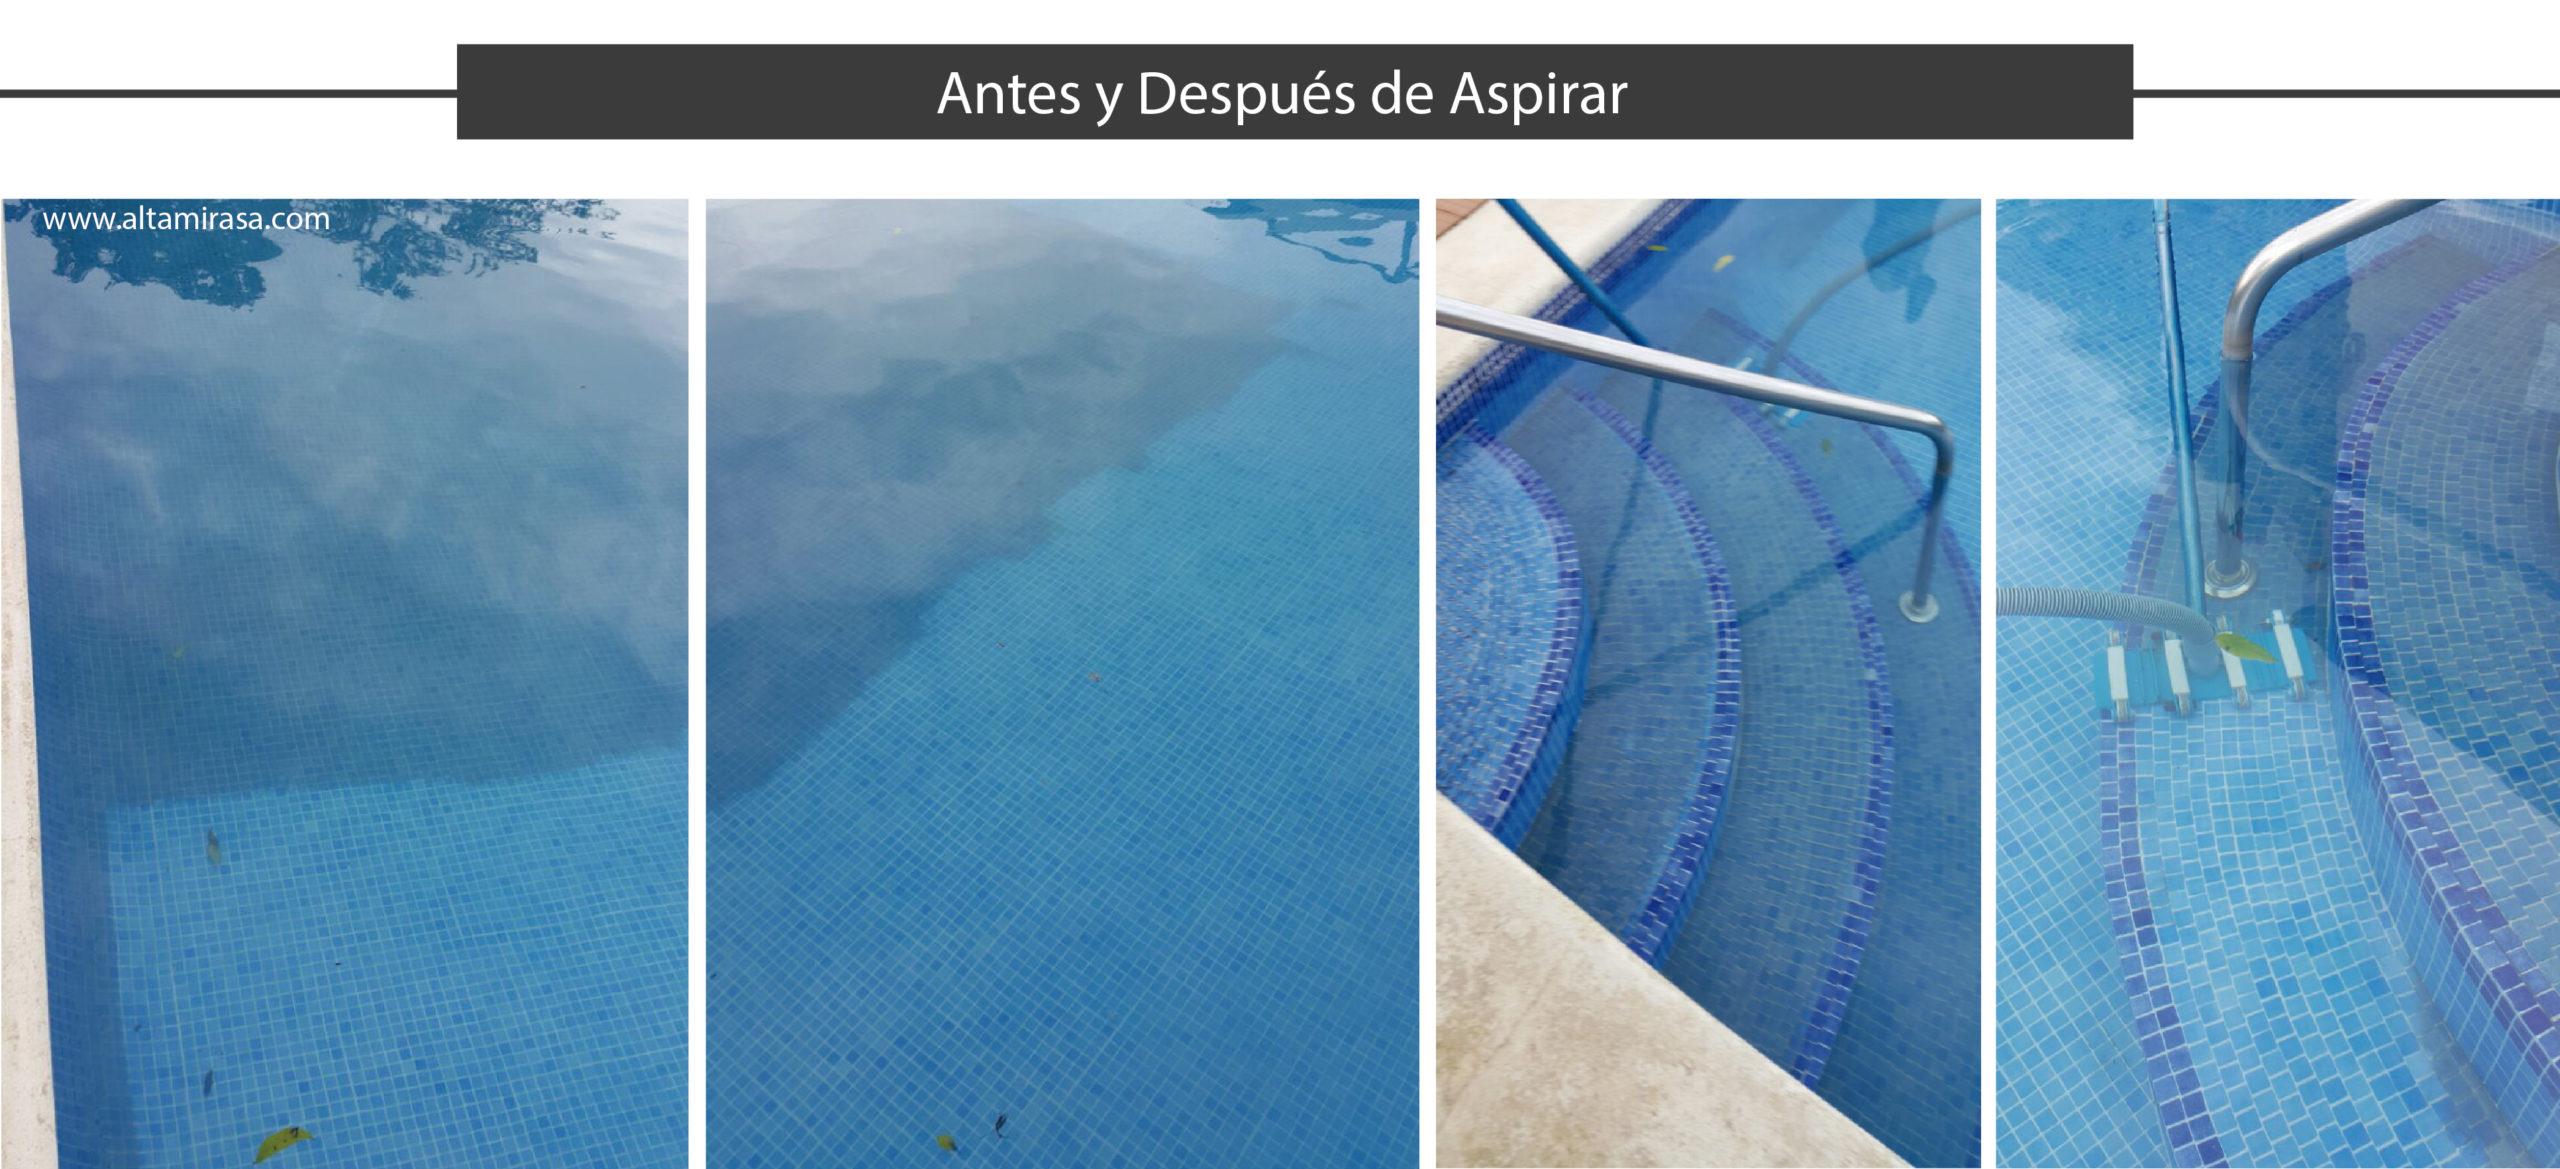 Tips ALTAQ - ¿Ceniza en la piscina?